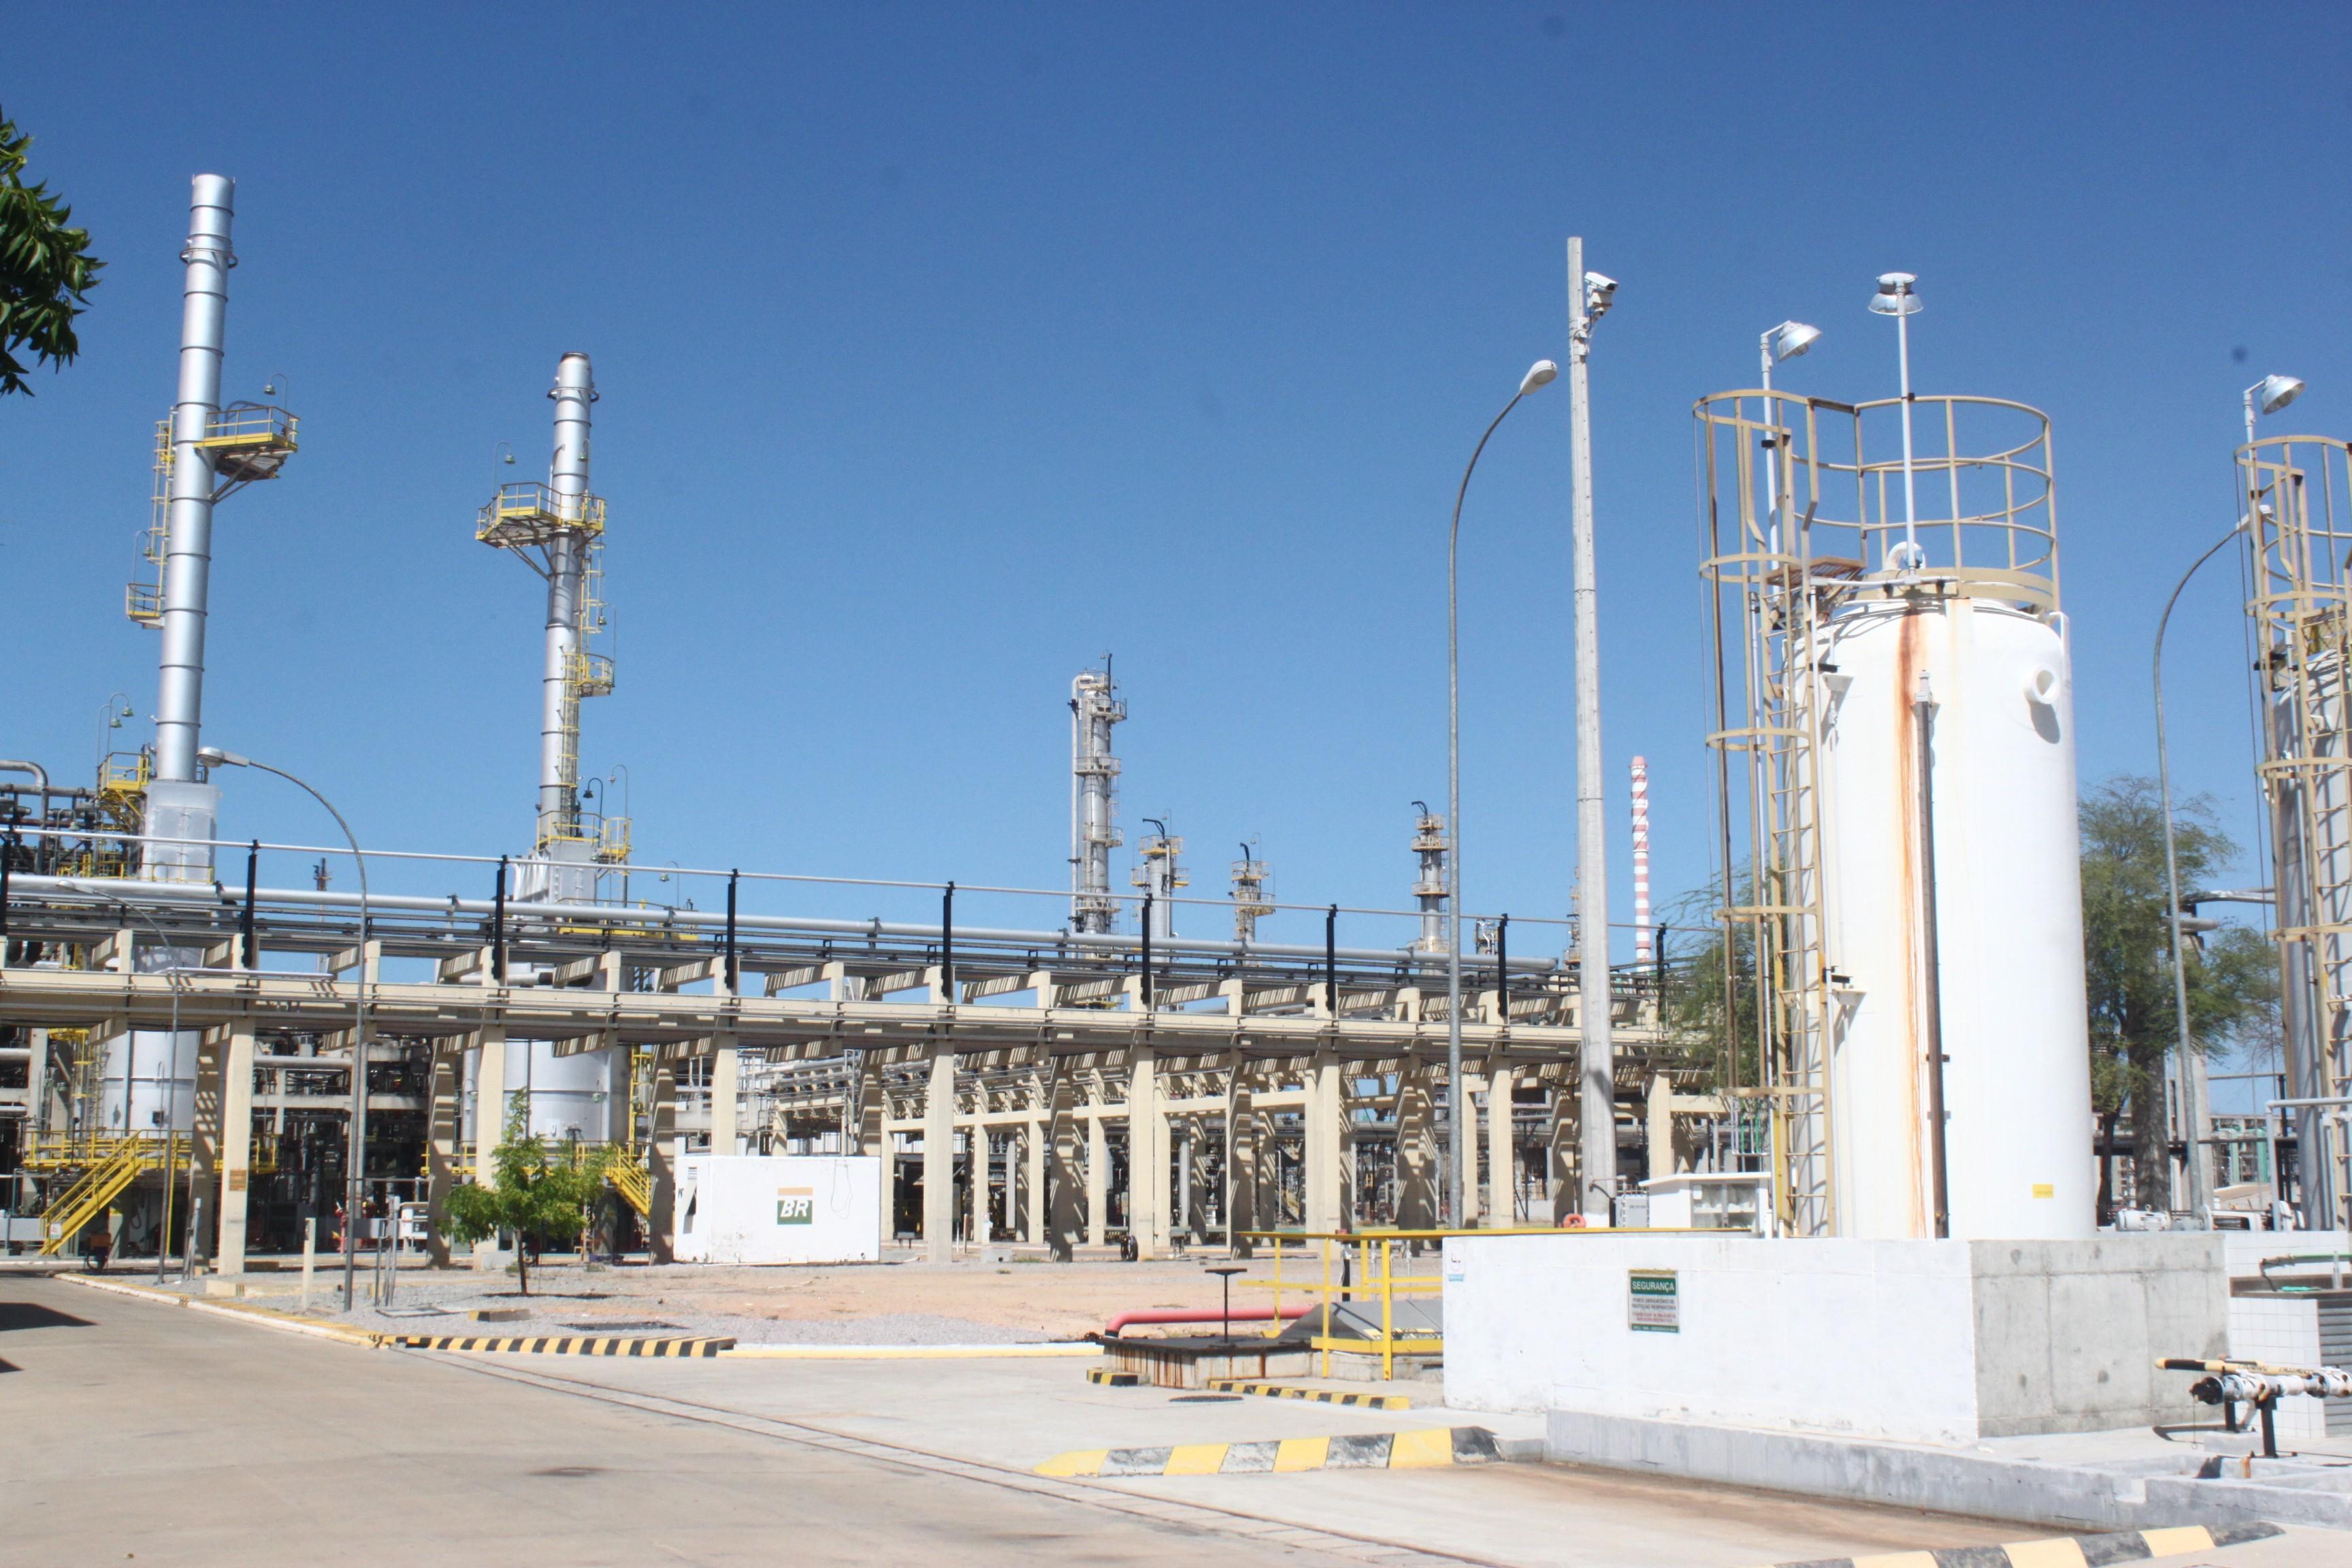 Sindicato entra com ação na Justiça contra venda da refinaria Clara Camarão e outros ativos da Petrobras no RN